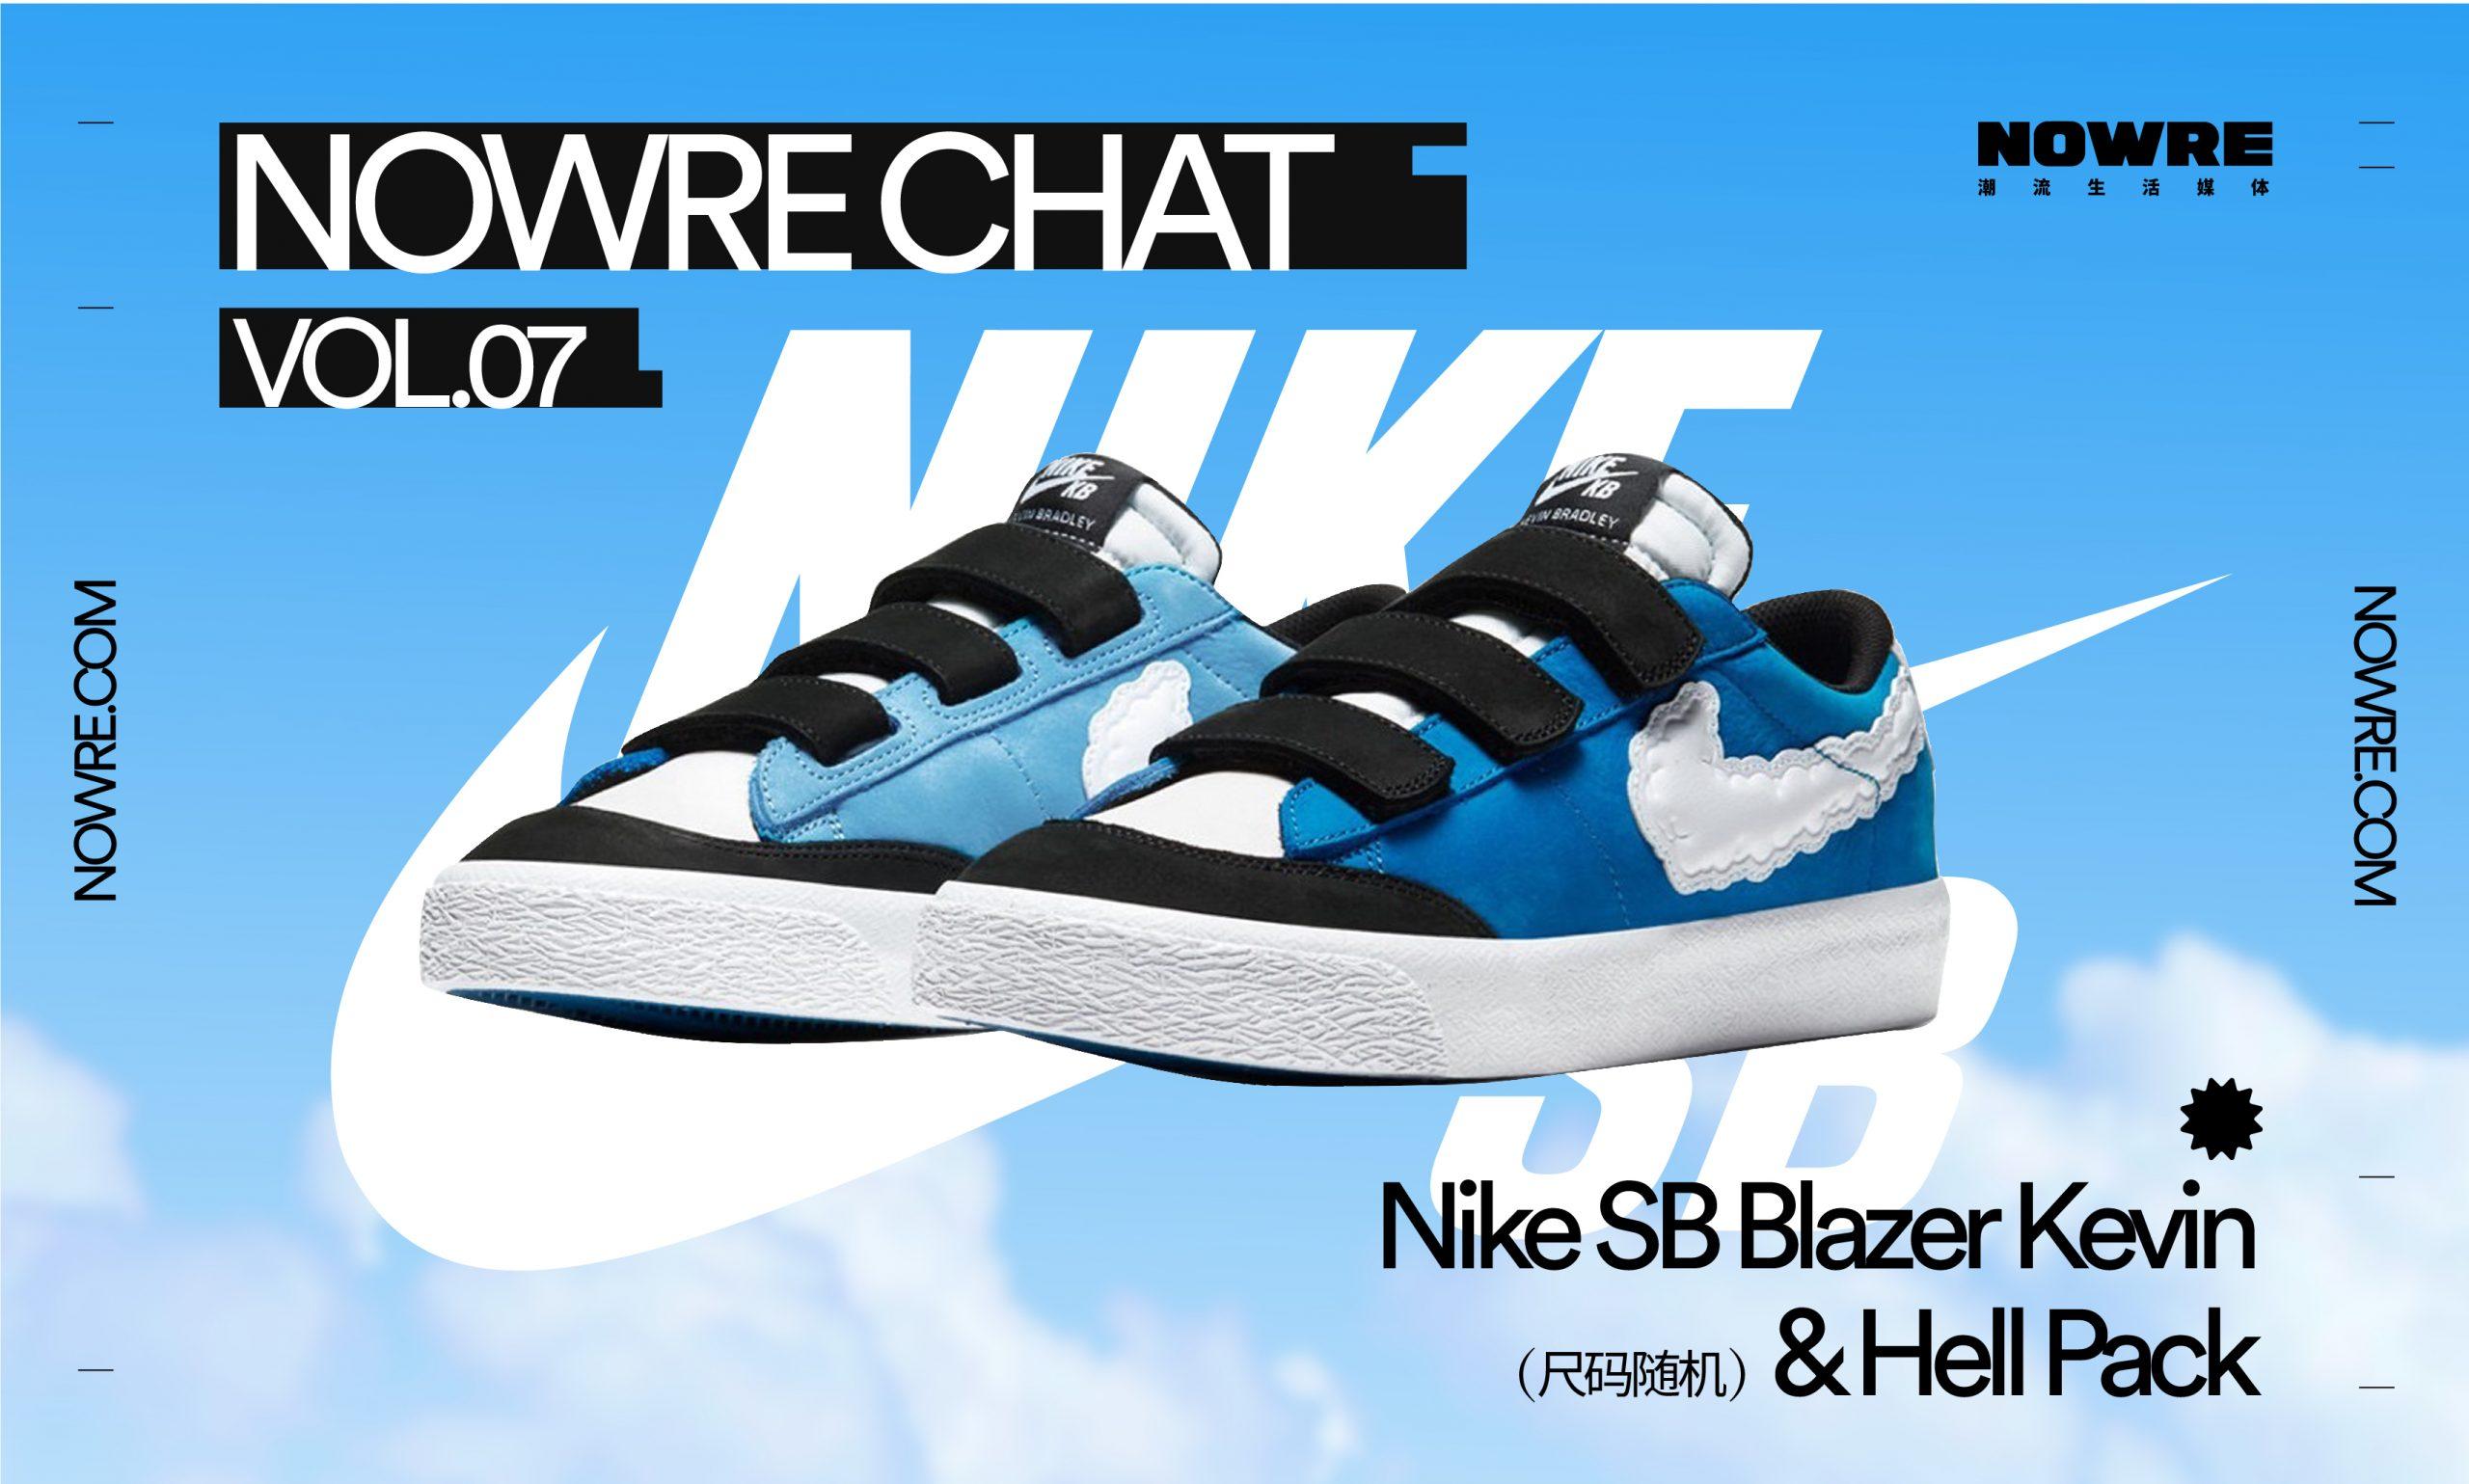 回答关于快时尚的一道问题,免费获得 Nike SB Blazer